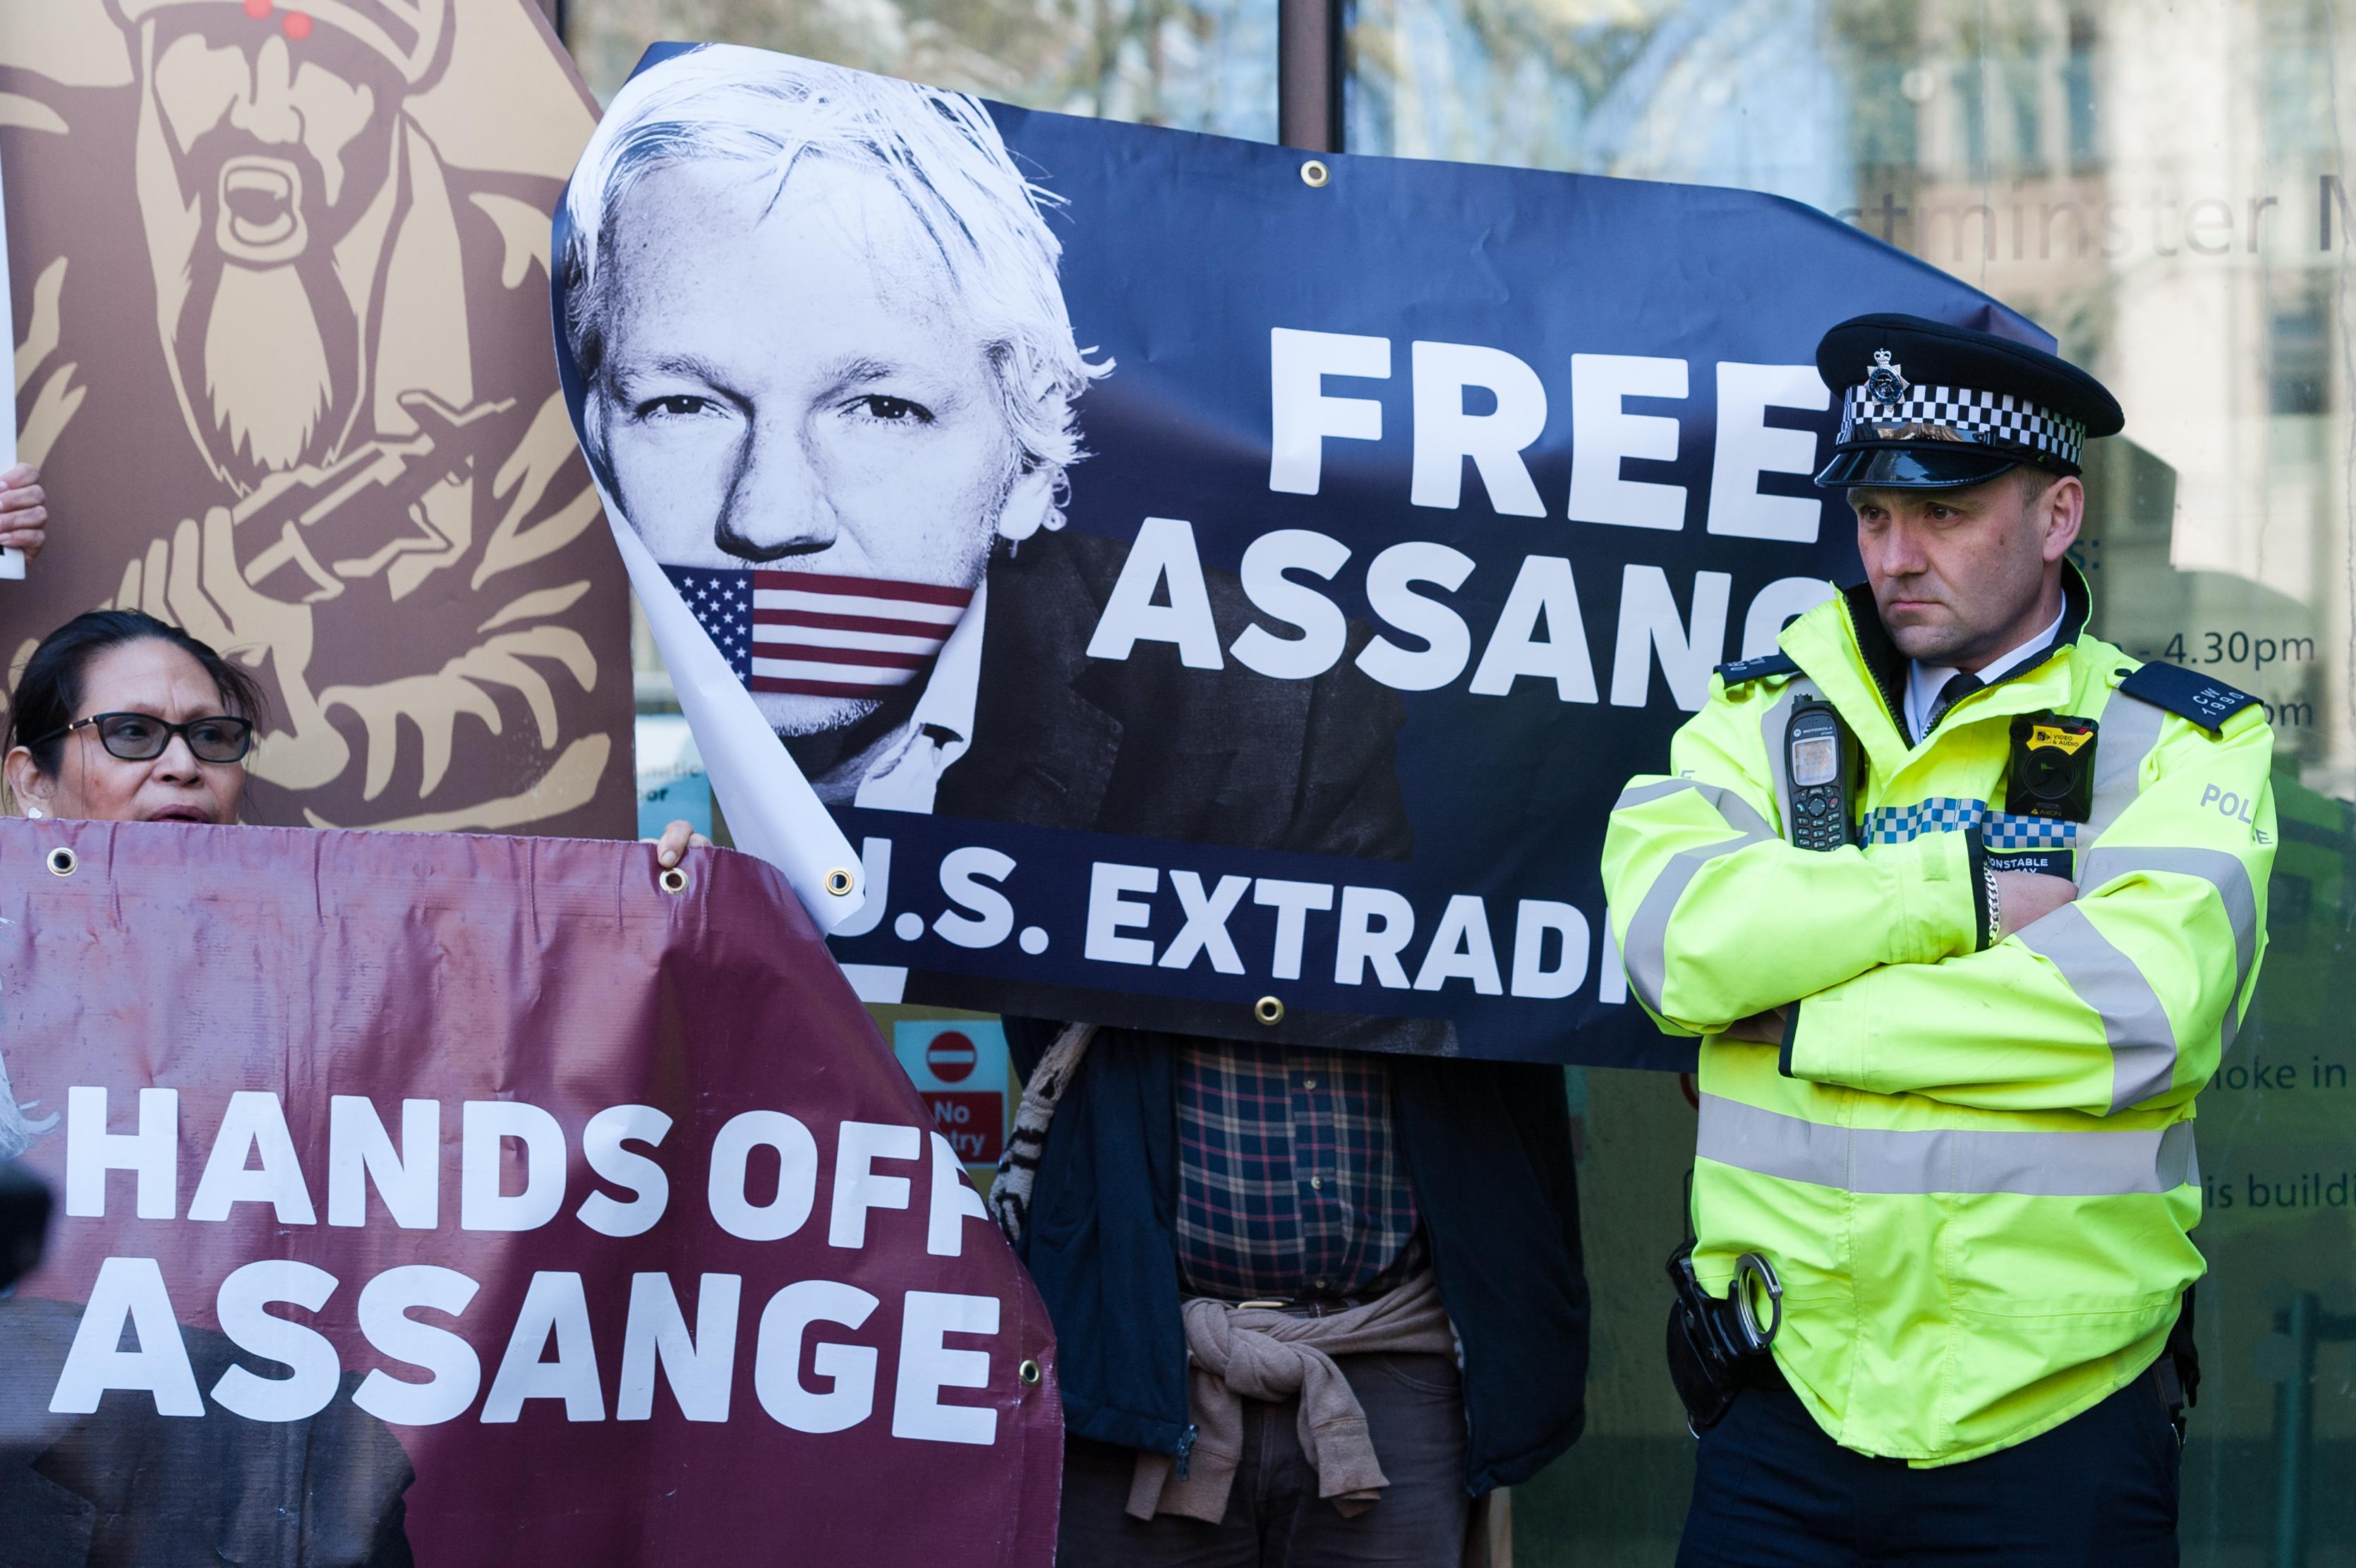 Ecuador kormánya arra panaszkodik, hogy Assange szarral kente össze a nagykövetségük falát